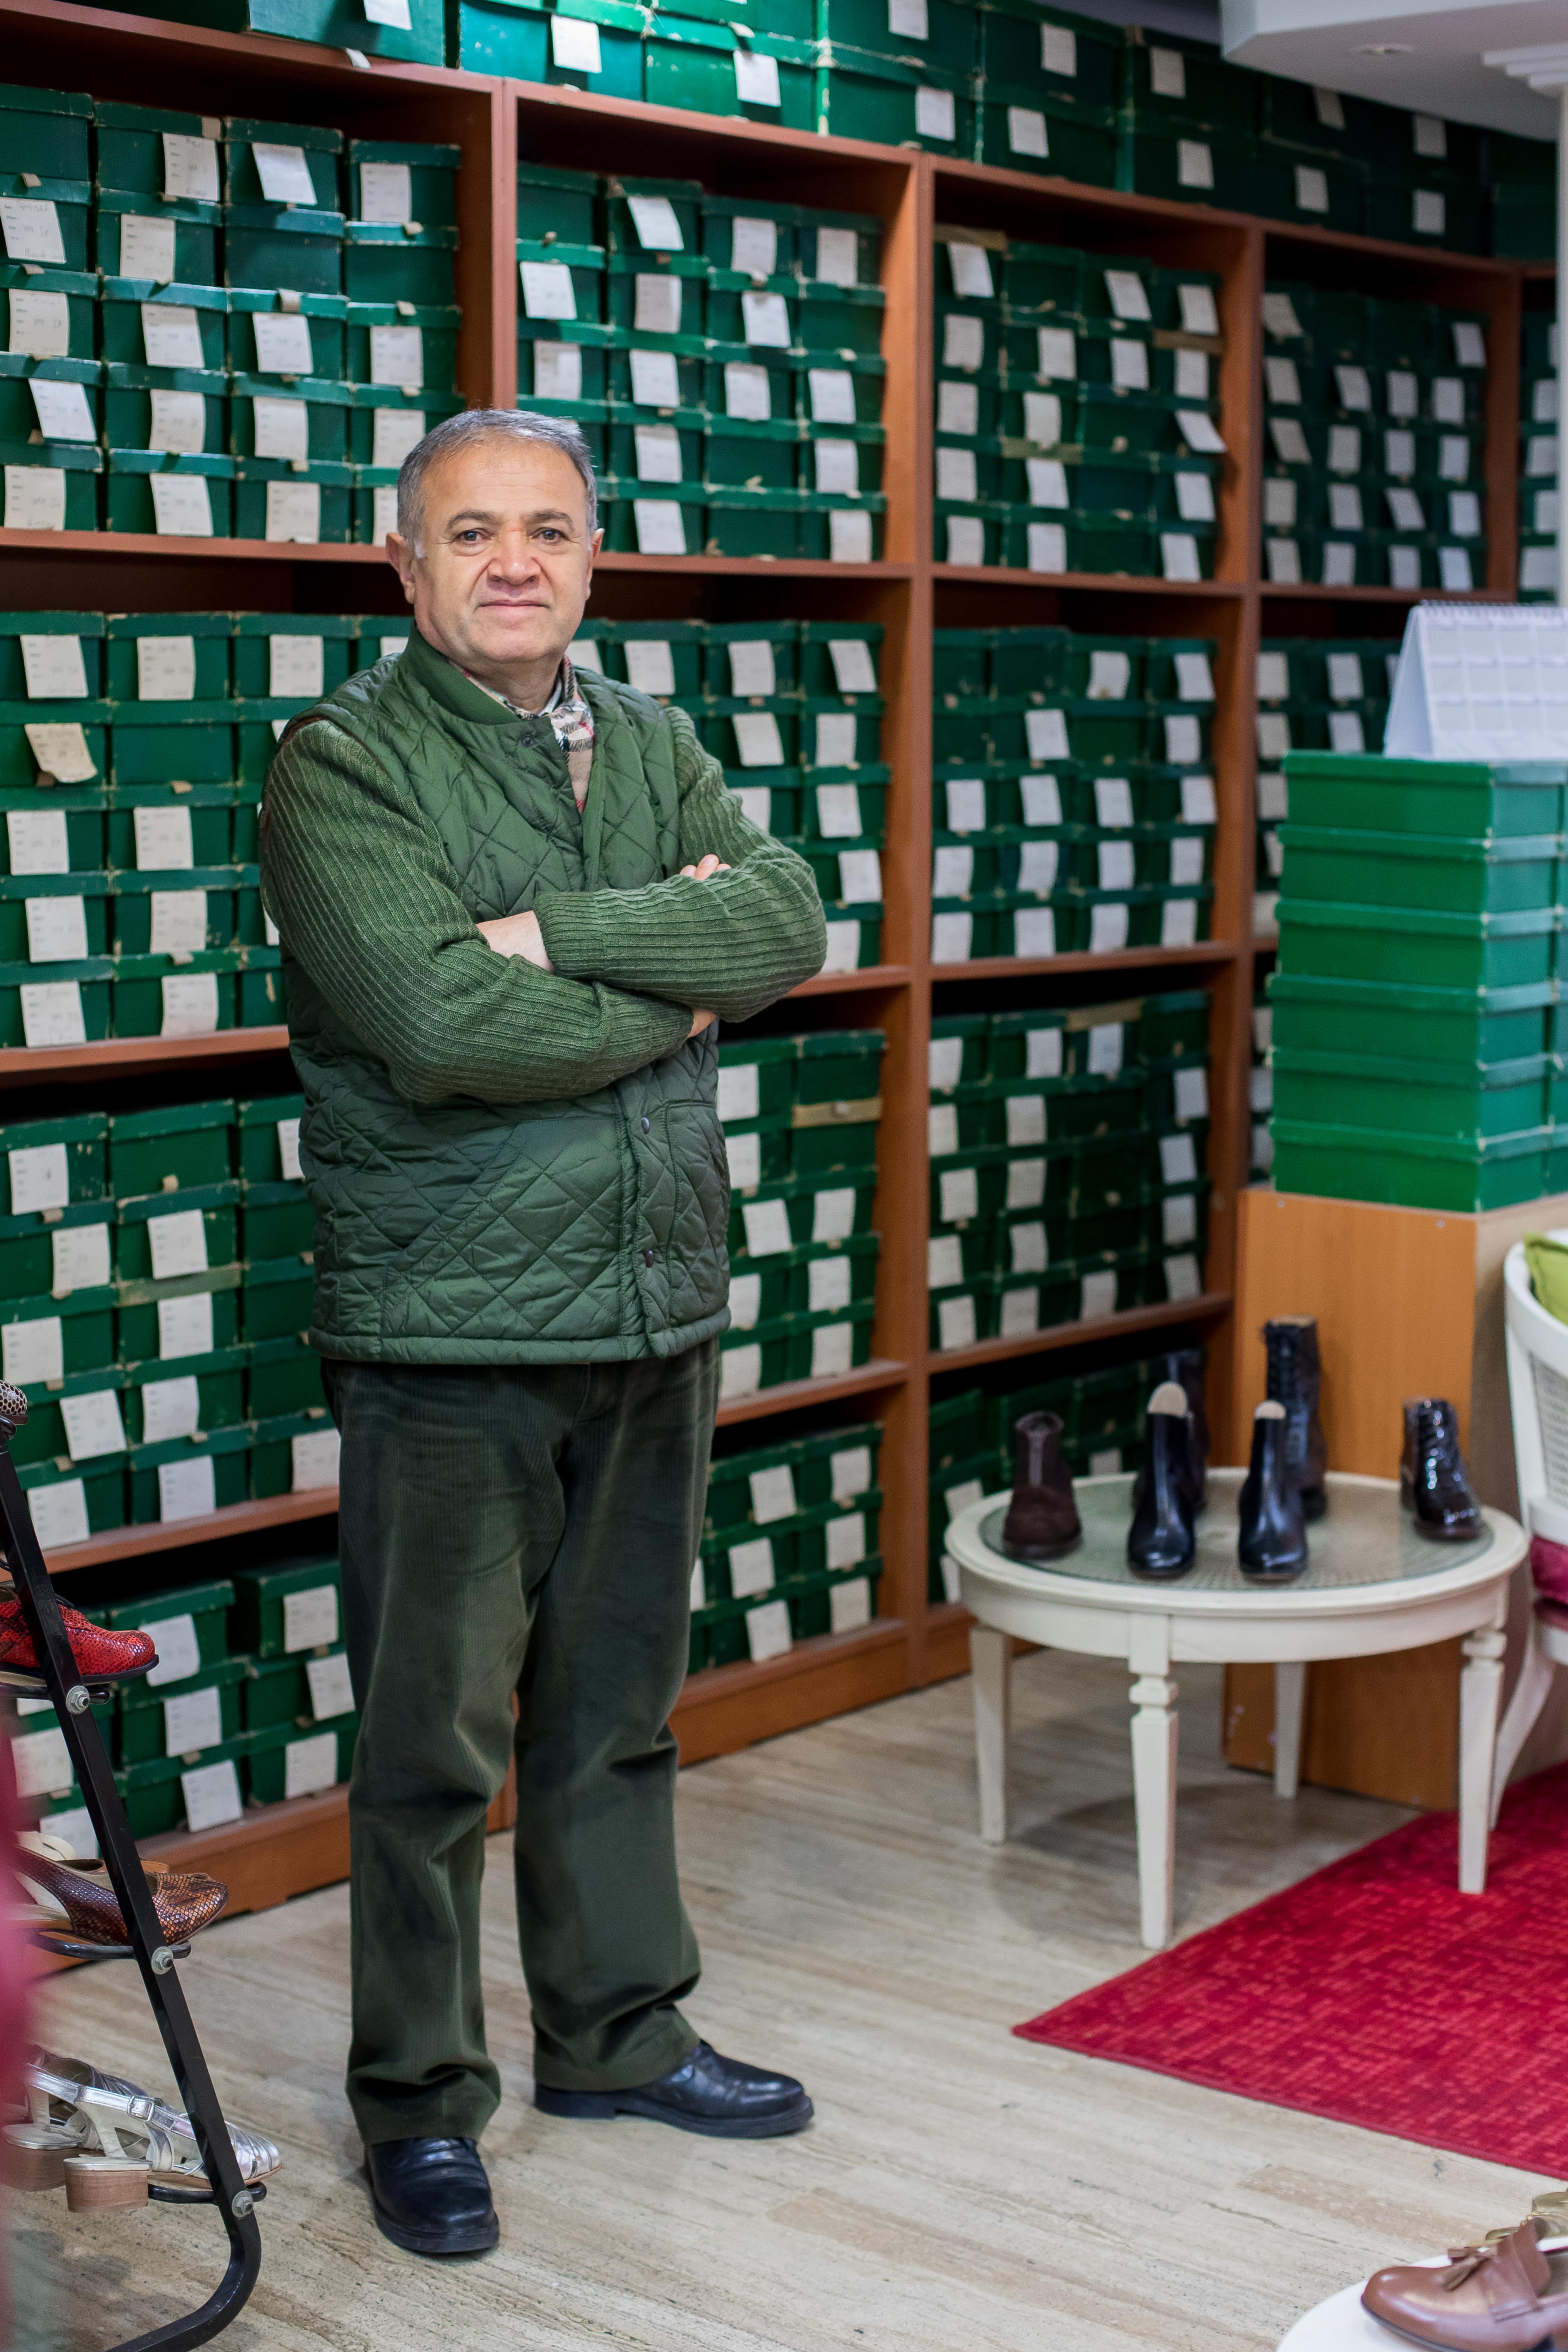 Purchasing Pueraria Mirifica